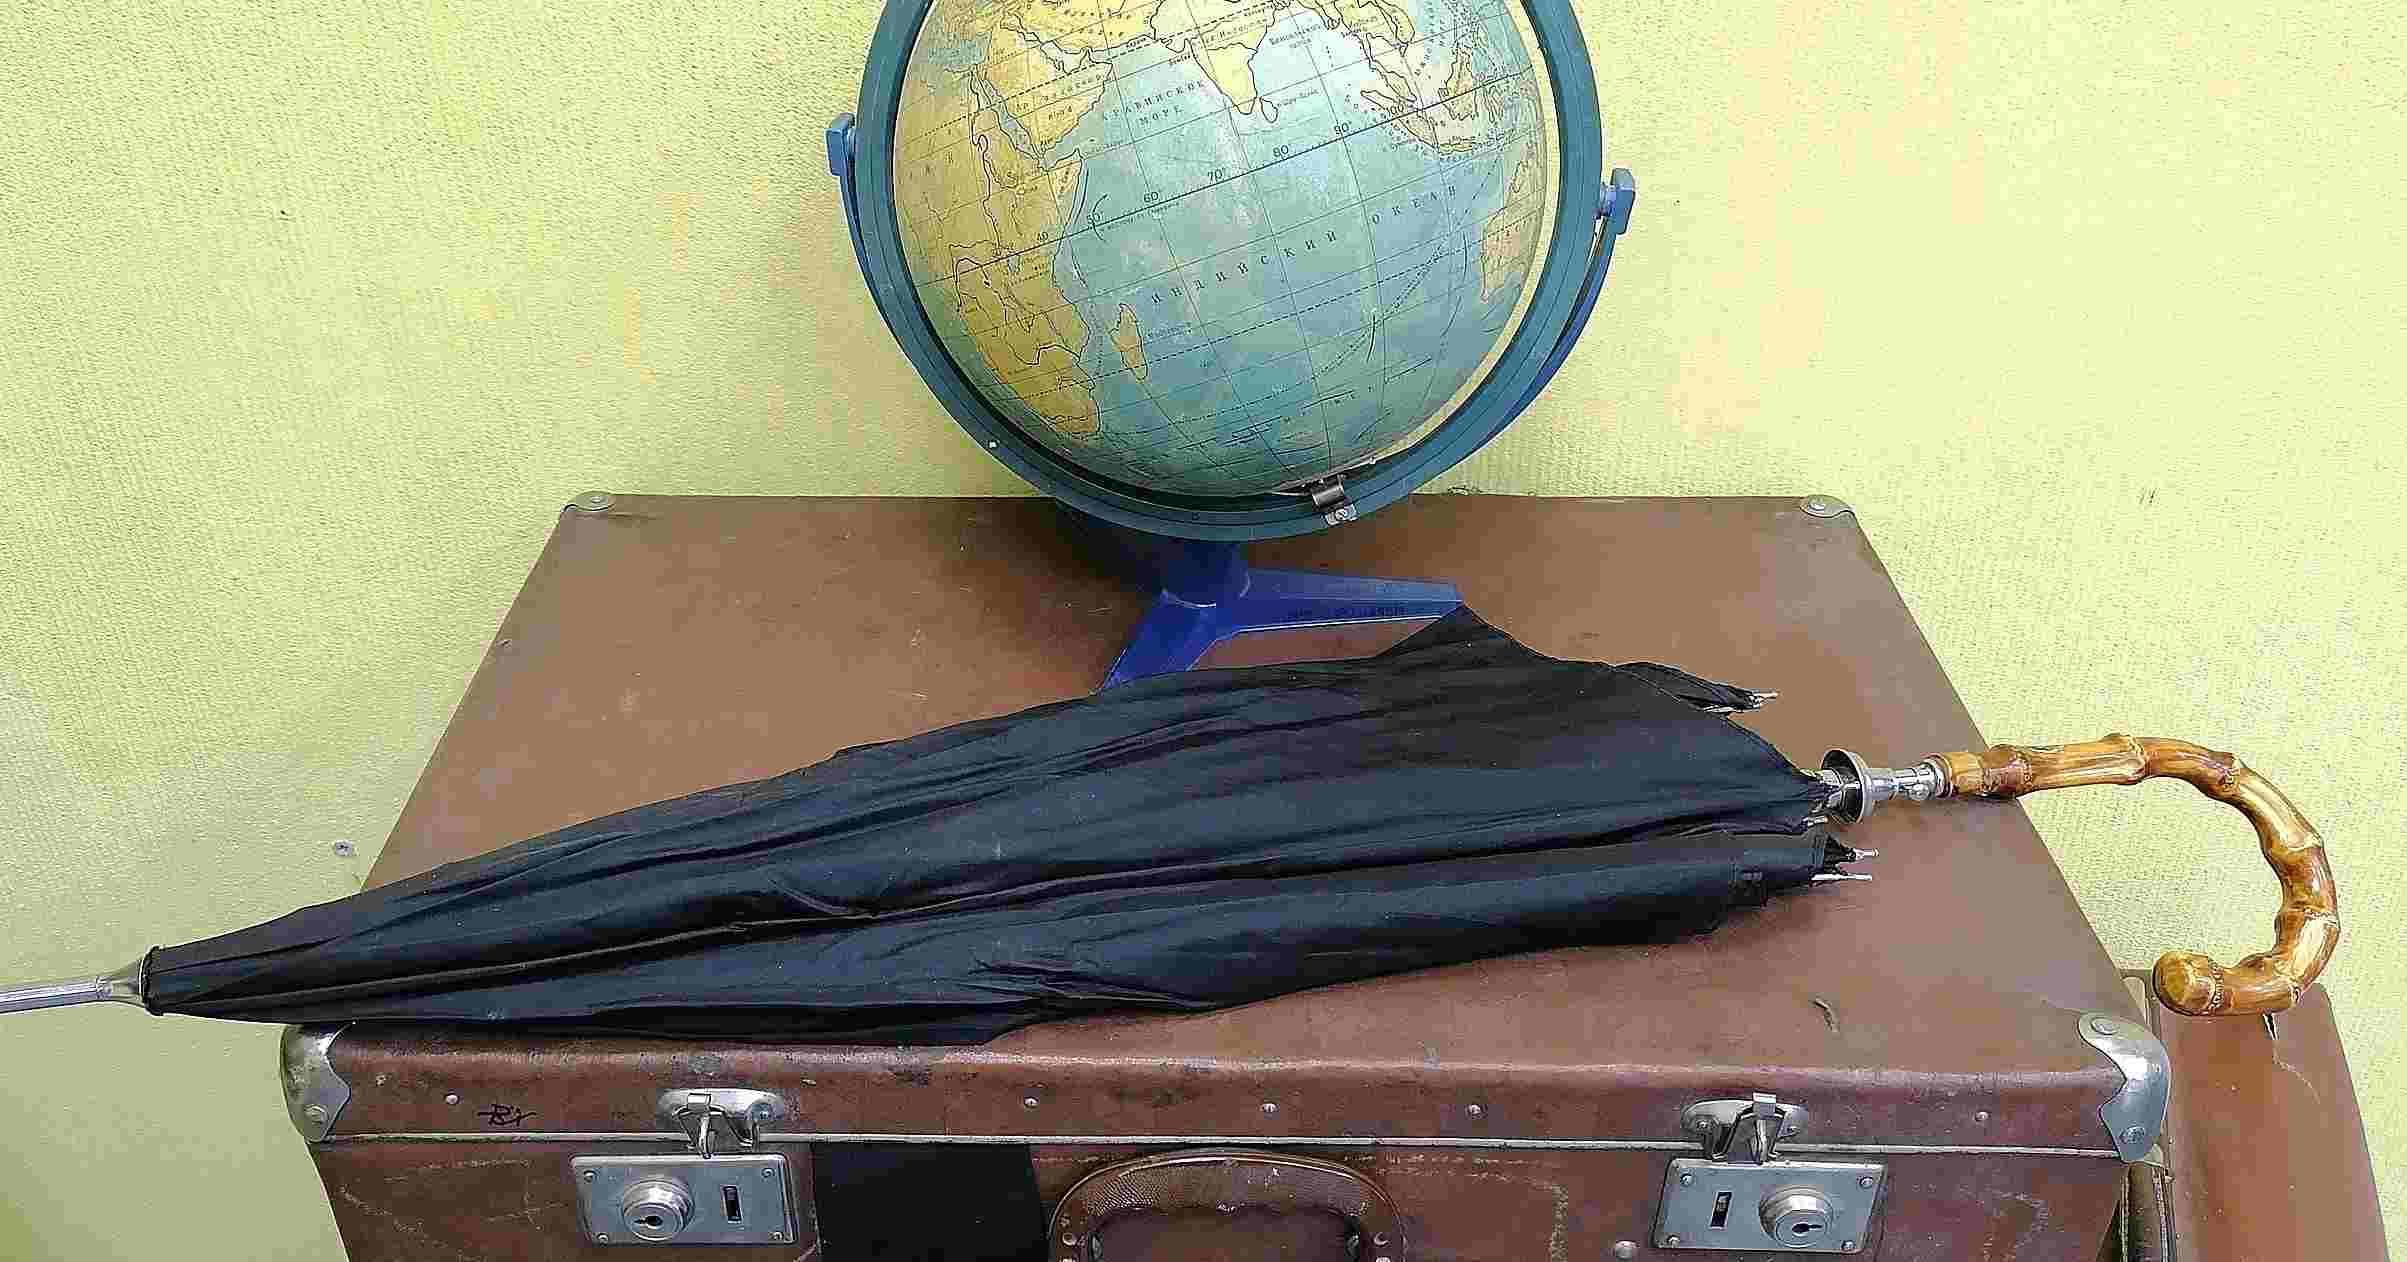 Заглянуть в чужие чемоданы, сумочки и рюкзаки приглашает Музей Октябрьского района «Закаменка»